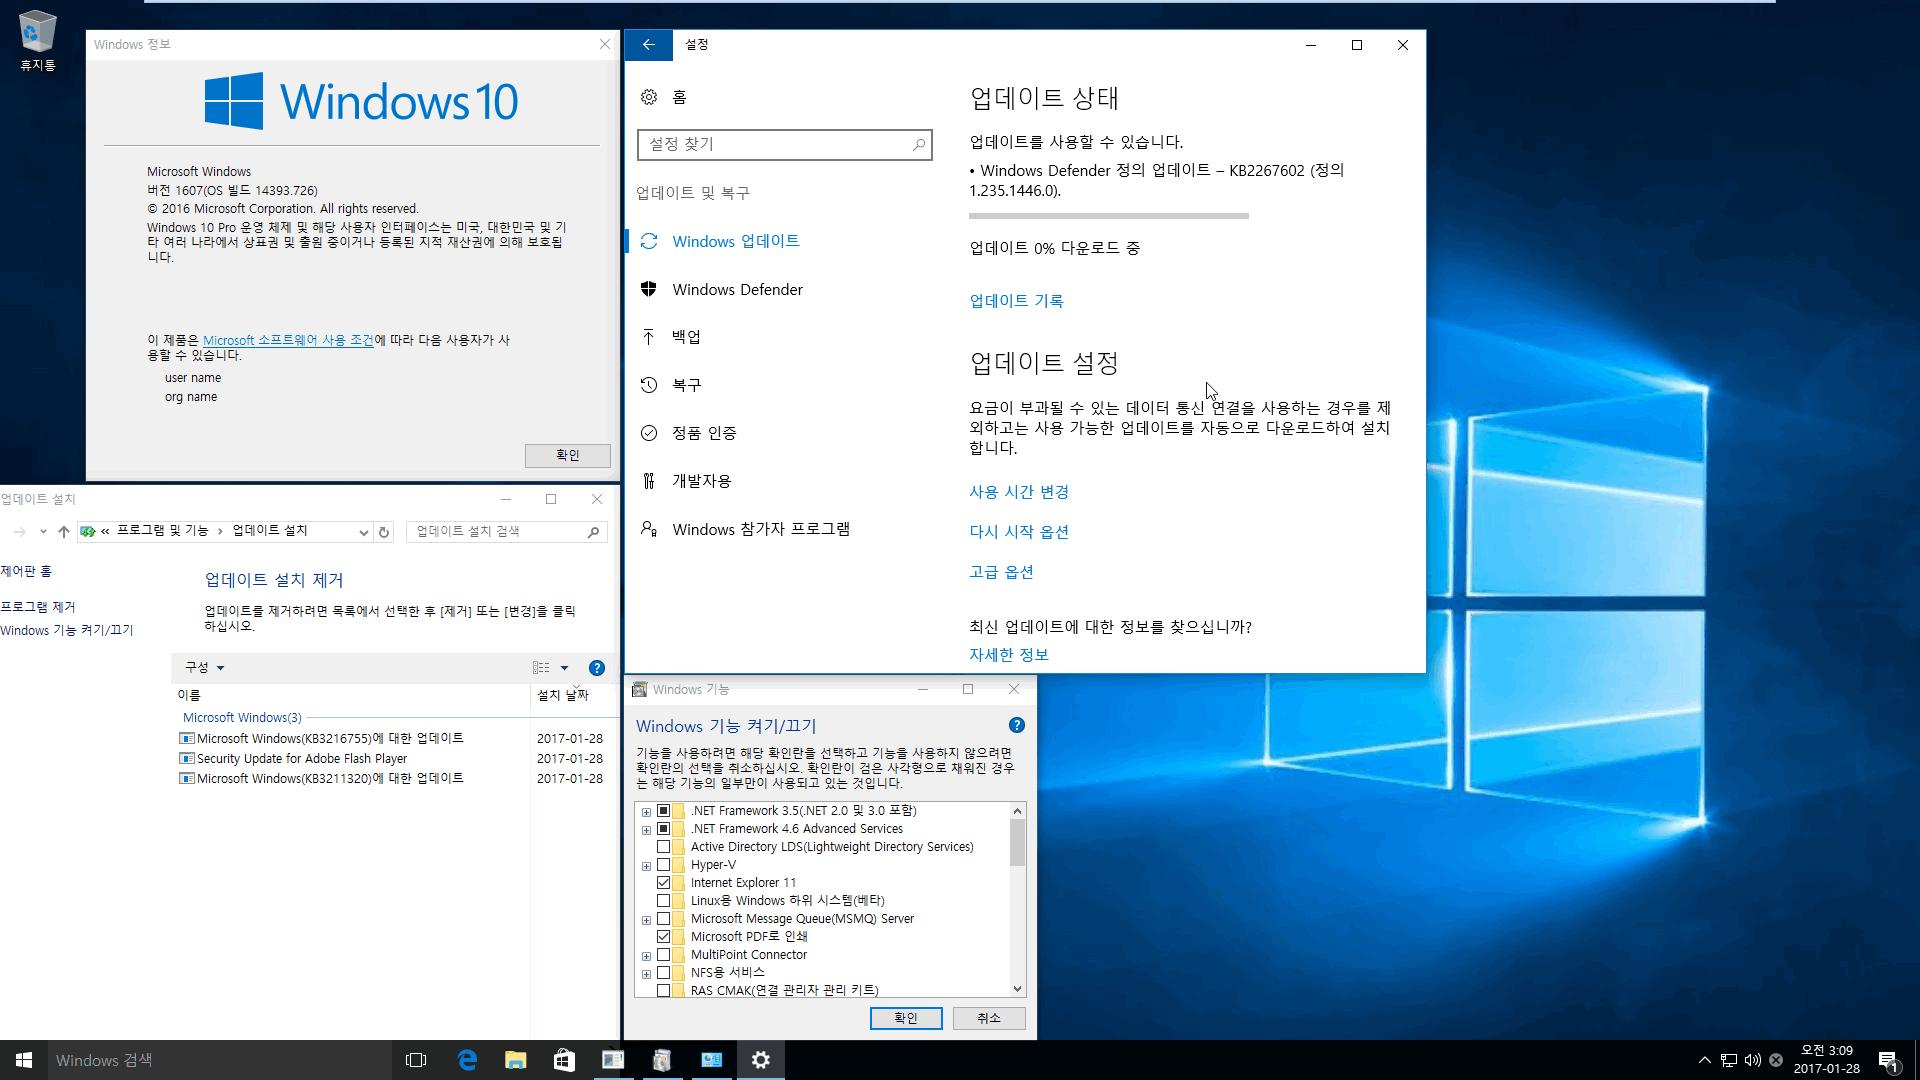 윈도10 RS1 버전1607 [14393.726] 나왔네요 2017-01-28_030935.png